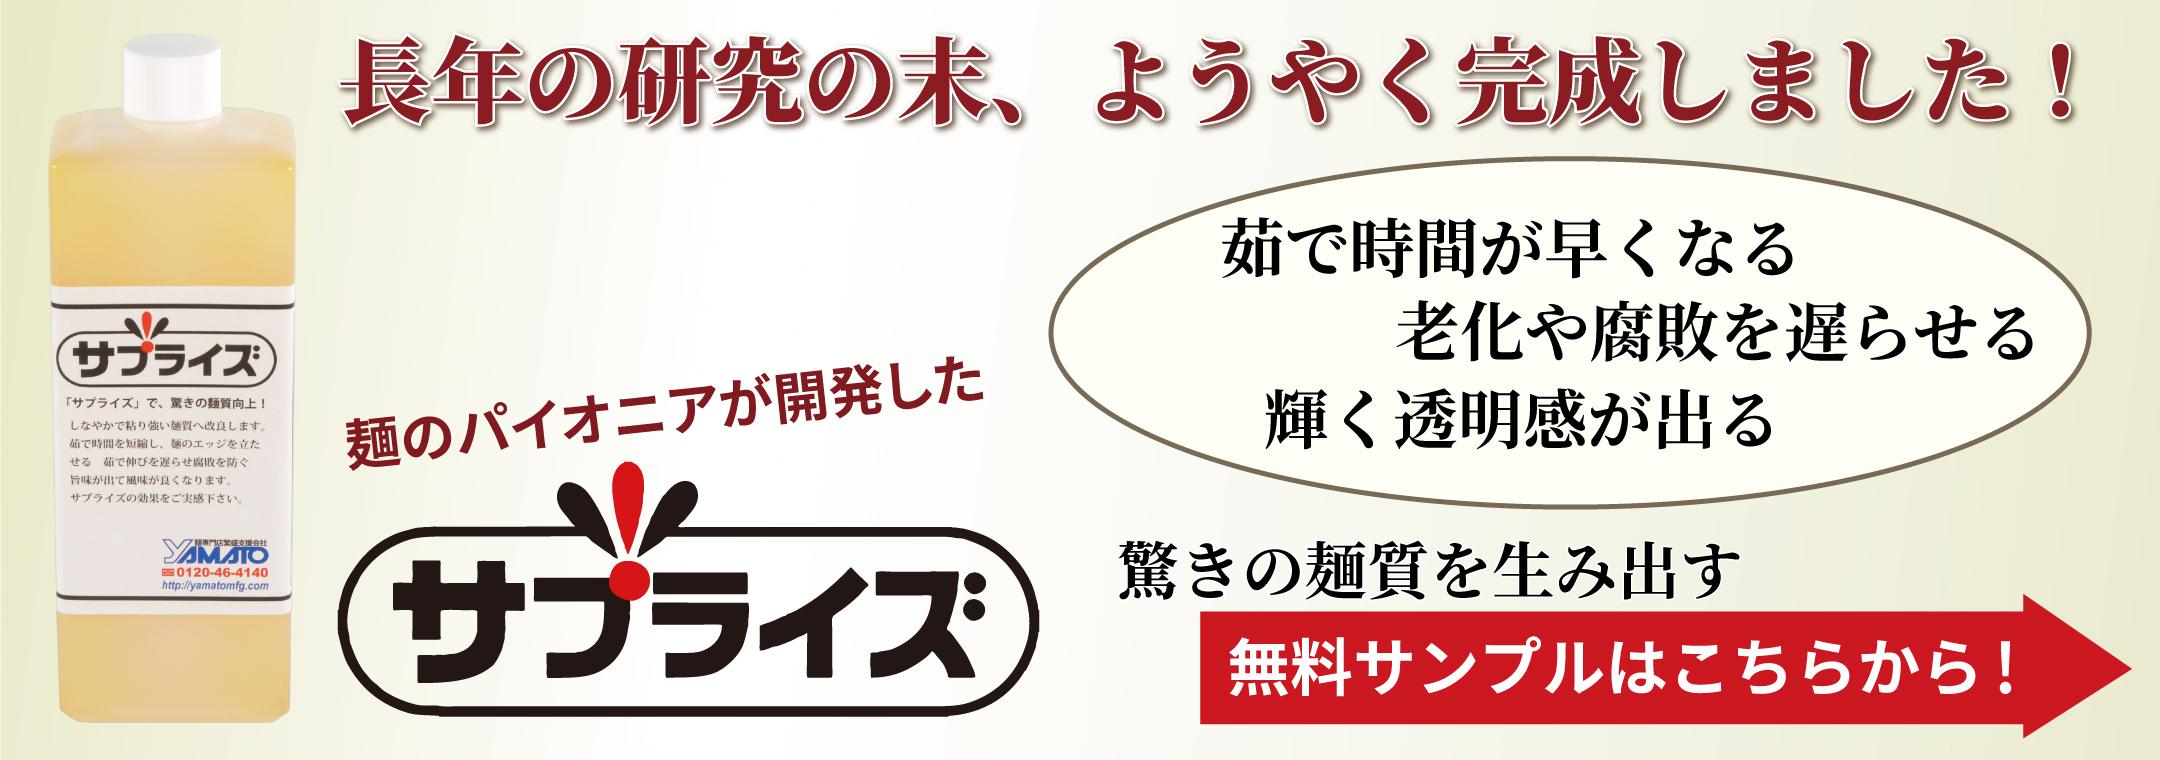 長年の研究の末、ようやく完成! 麺職人の酢 サプライズ 無料サンプルプレゼント中。